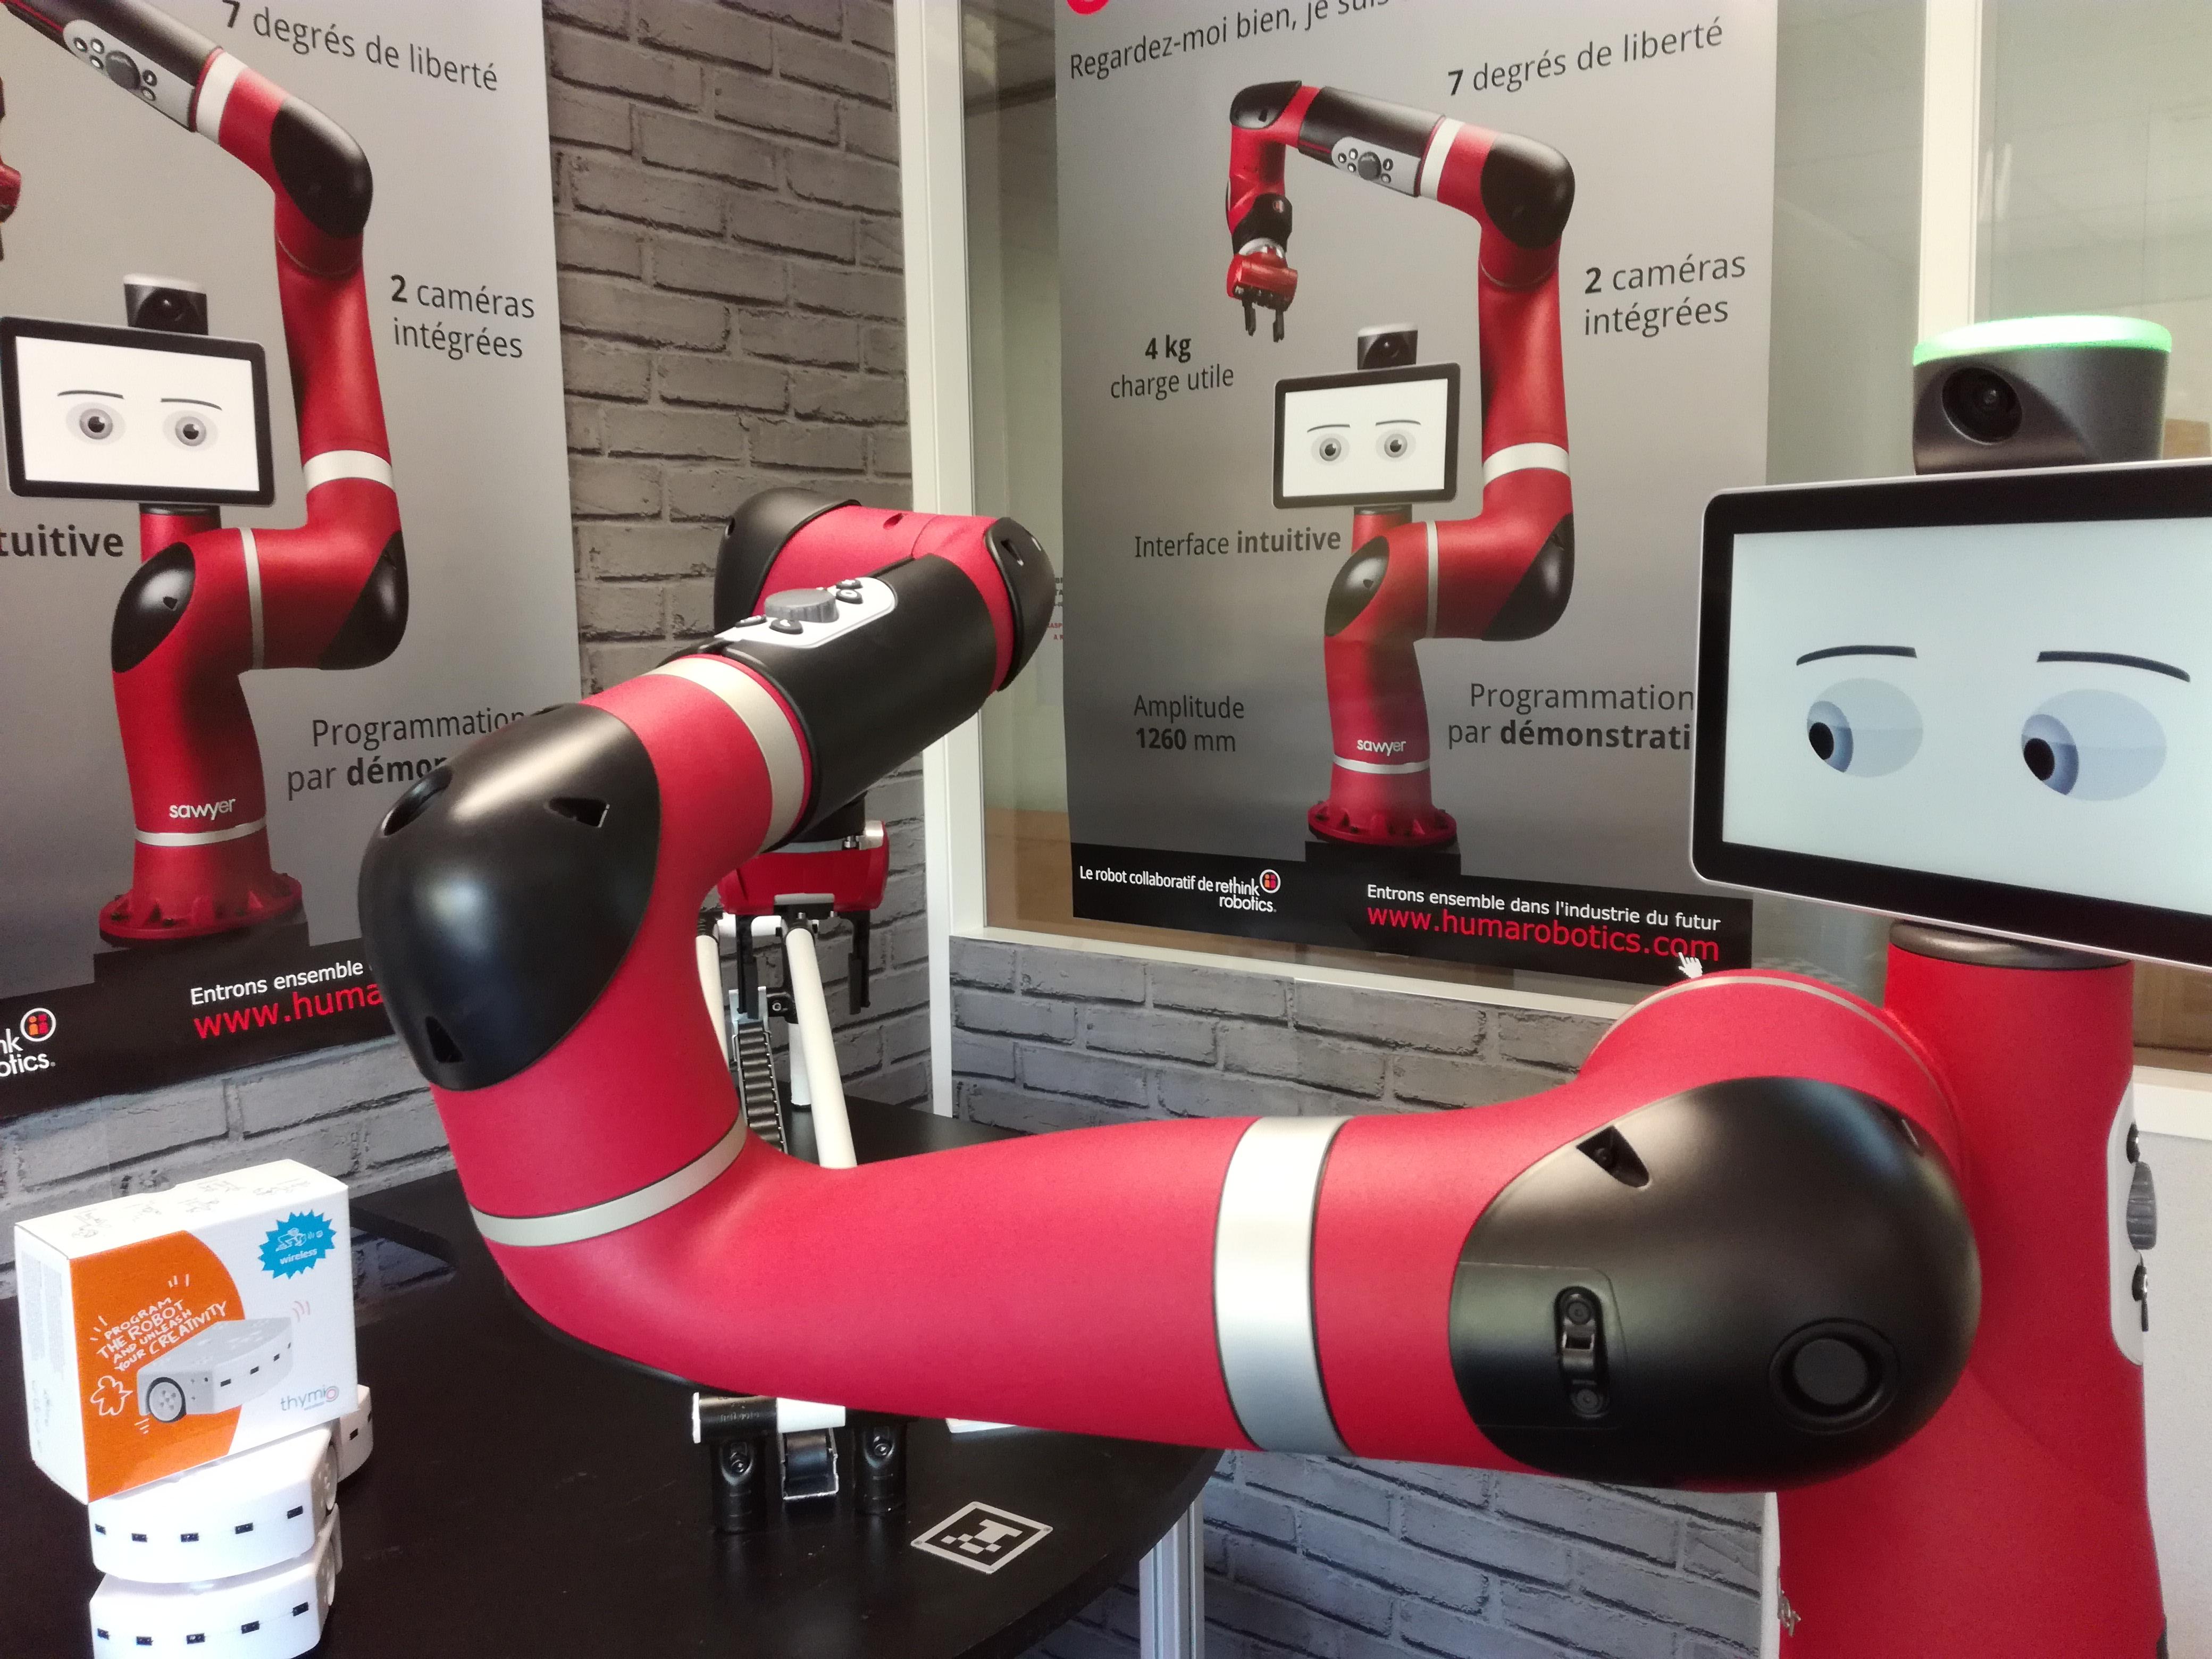 Equipe Homme Robot sur la création de Thymio